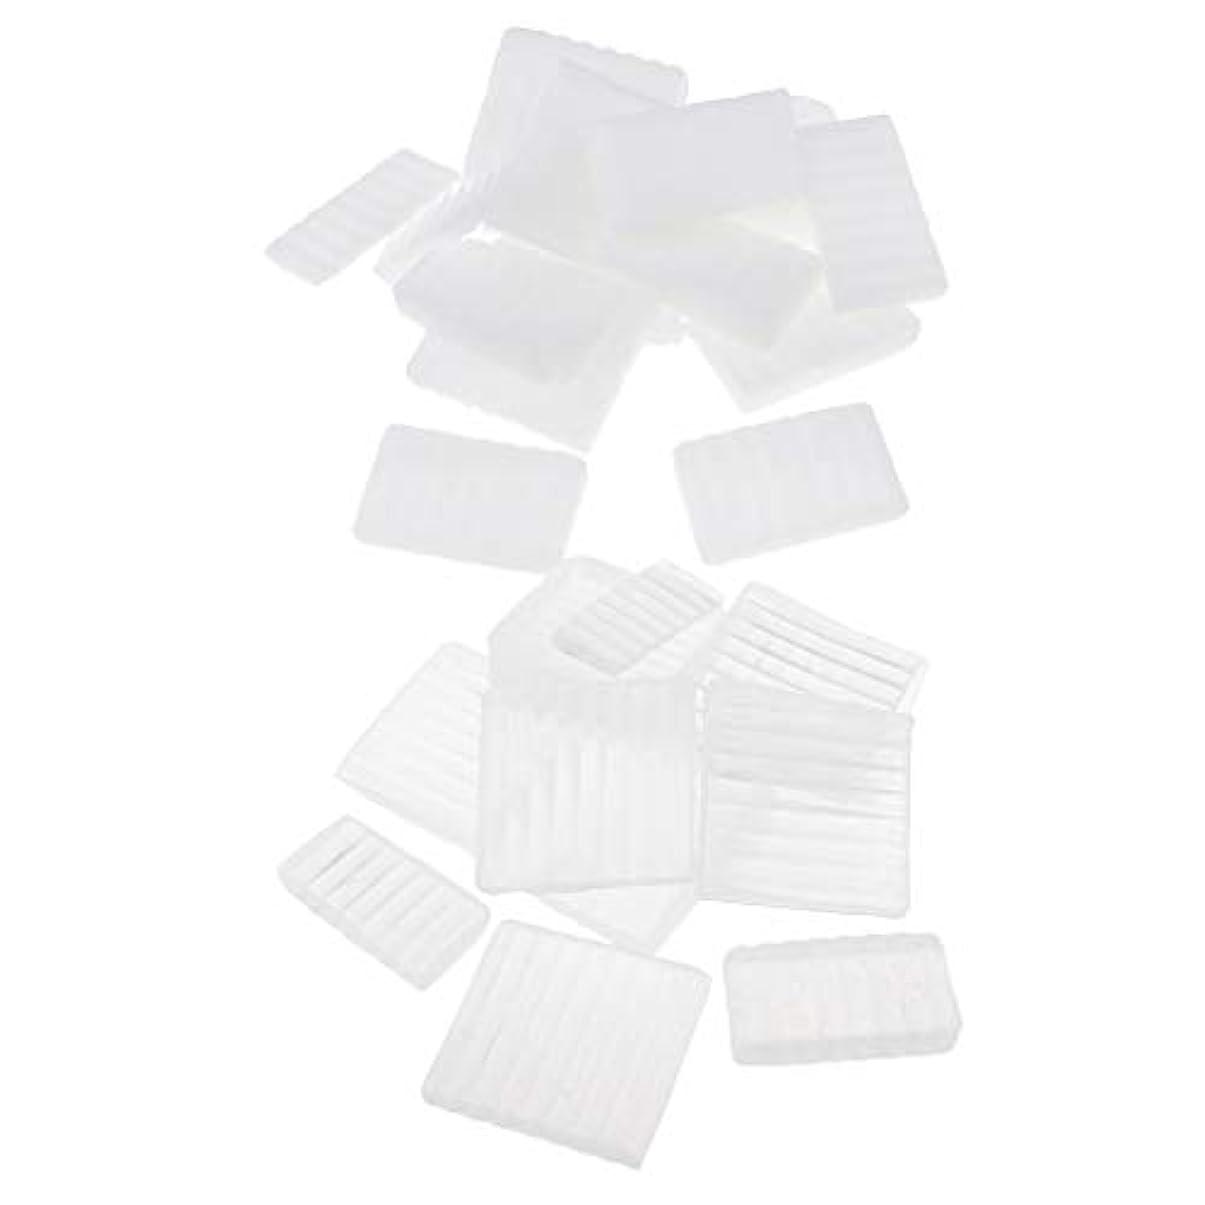 攻撃結果論理的にdailymall 石鹸ベース ソープメイキング素材 ソープ グリセリンソープ ハンドメイド 石鹸材料